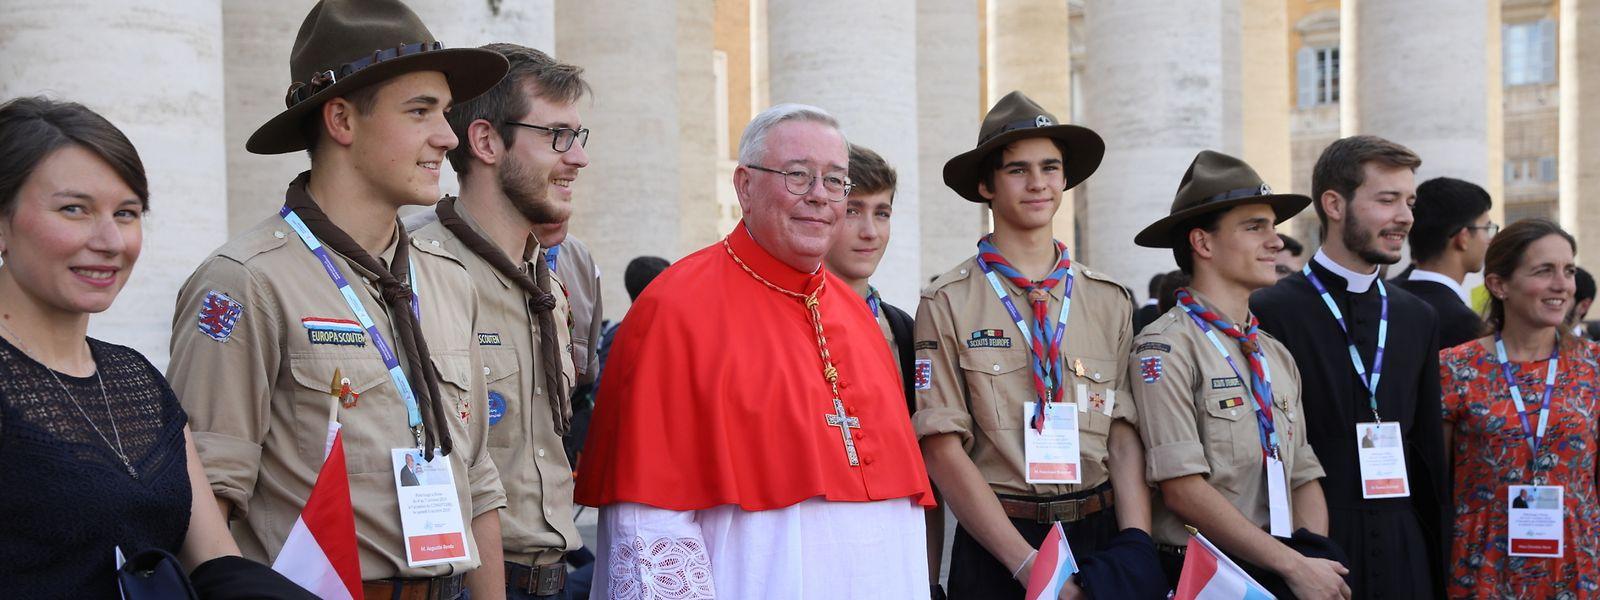 Jean-Claude Hollerich begrüßte vor dem Konsistorium die Luxemburger Delegation. Nach der Zeremonie sprach Großherzog Henri dem Kardinal seine Glückwünsche aus.